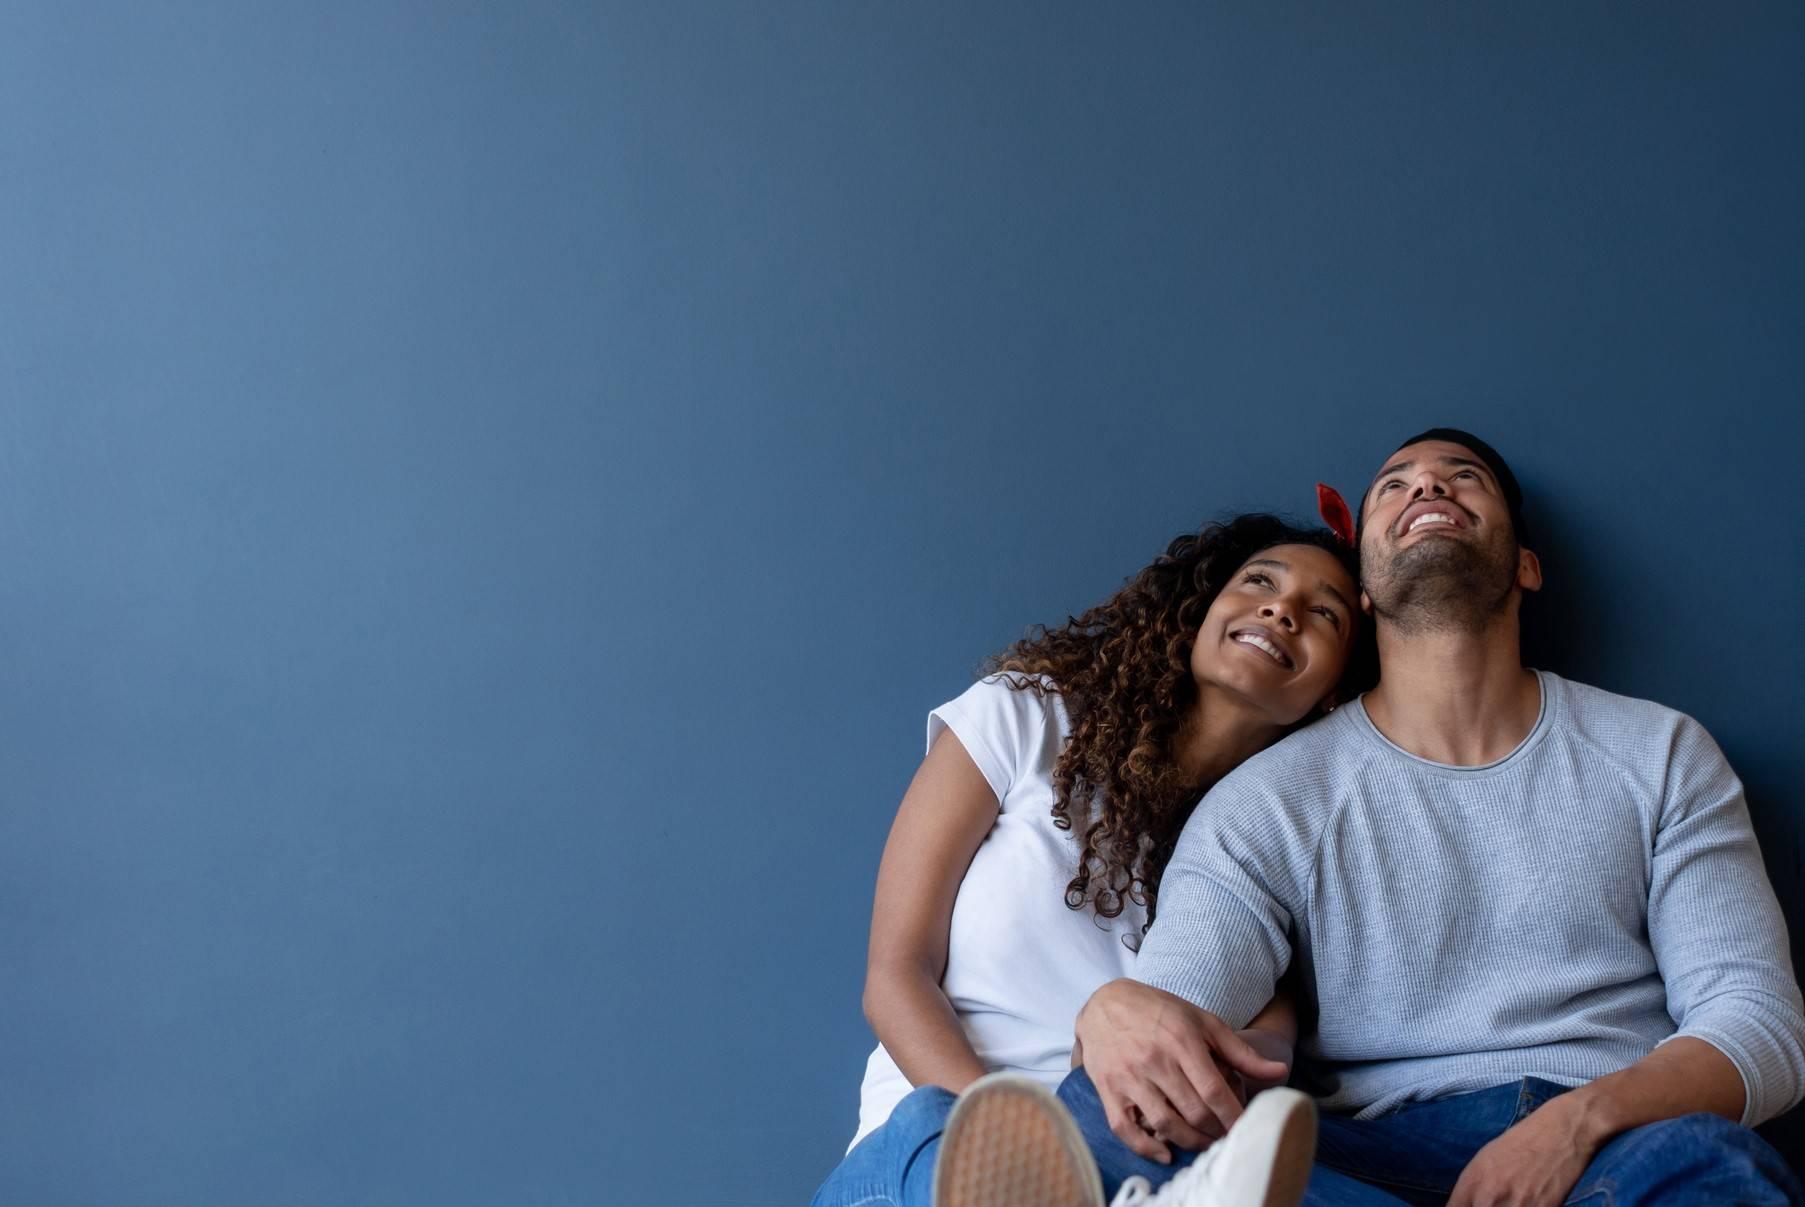 www.juicysantos.com.br - casal decidiu morar junto depois da pandemia é união estável?